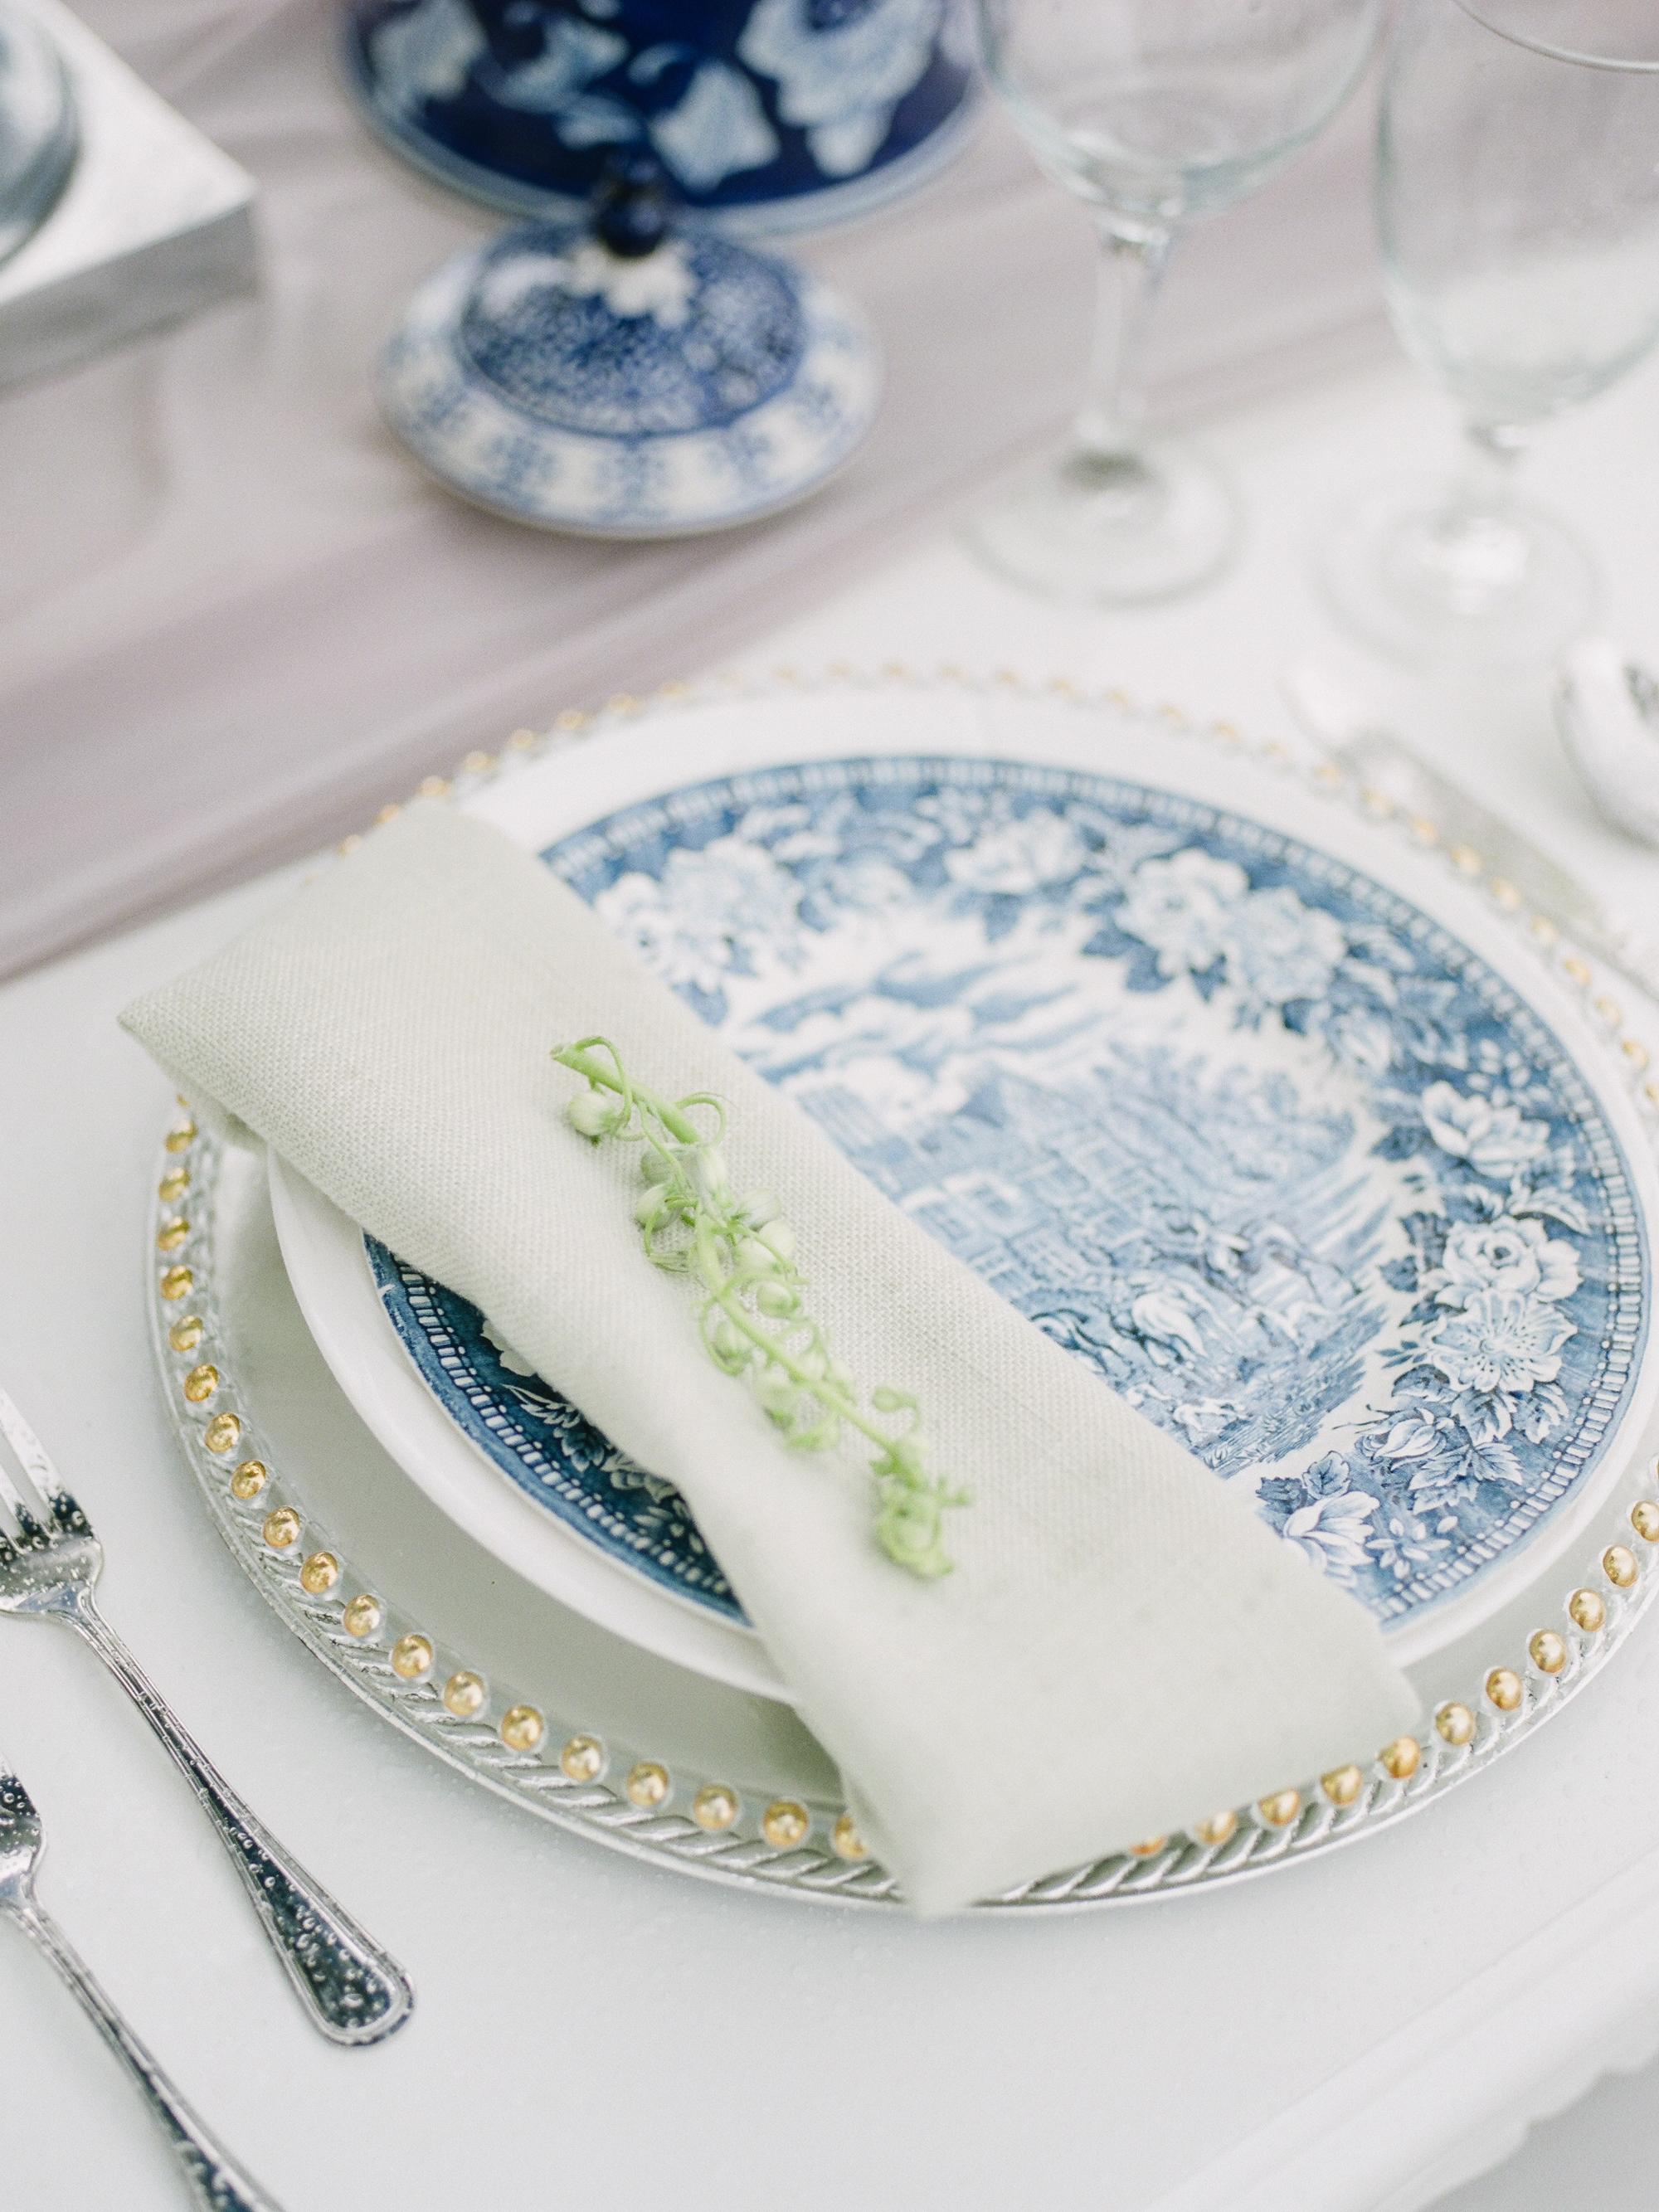 nj_alpaca-farm_wedding_inspiration-11.jpg